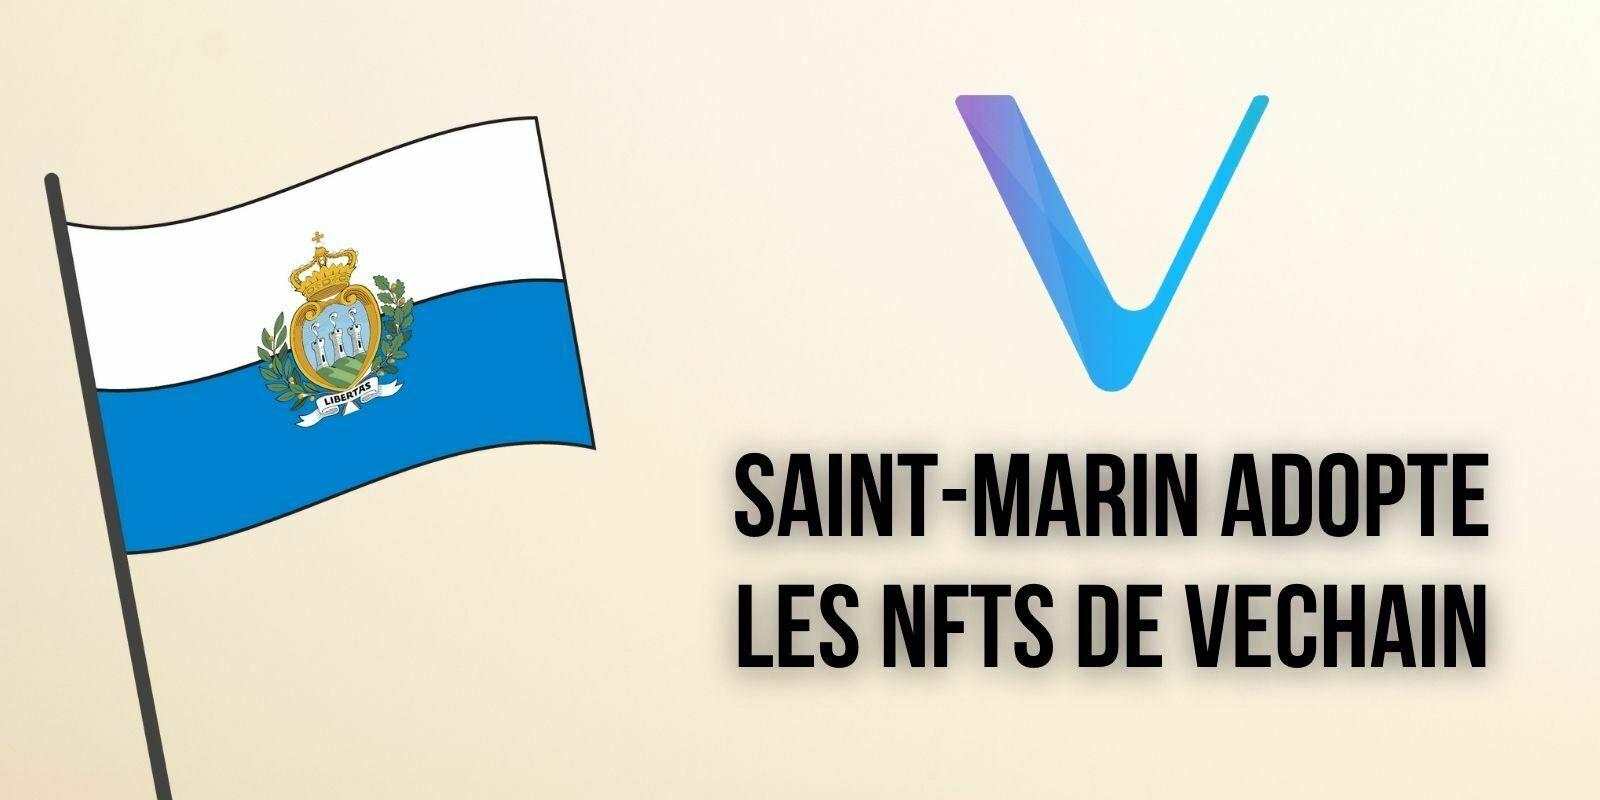 Saint-Marin adopte la technologie VeChain (VET) pour le déploiement de ses certificats de vaccination numériques